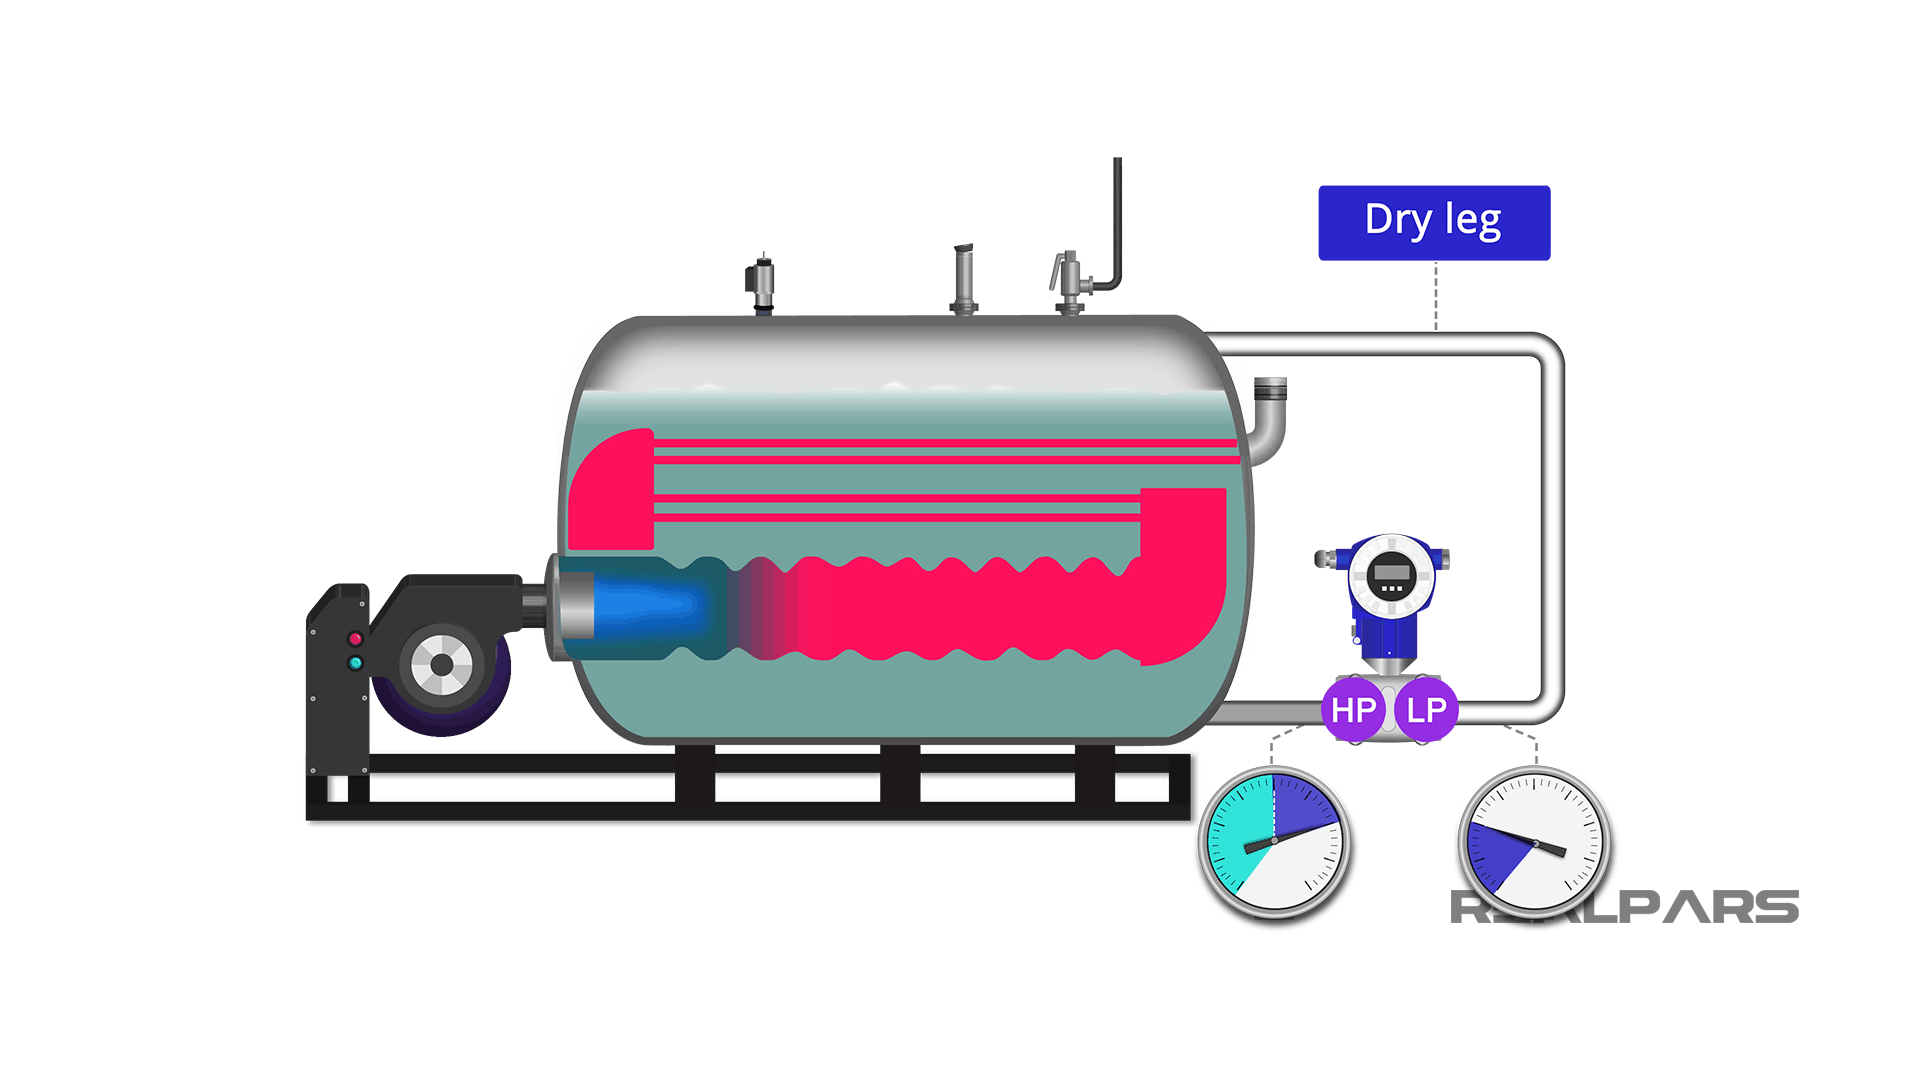 Dry Leg System